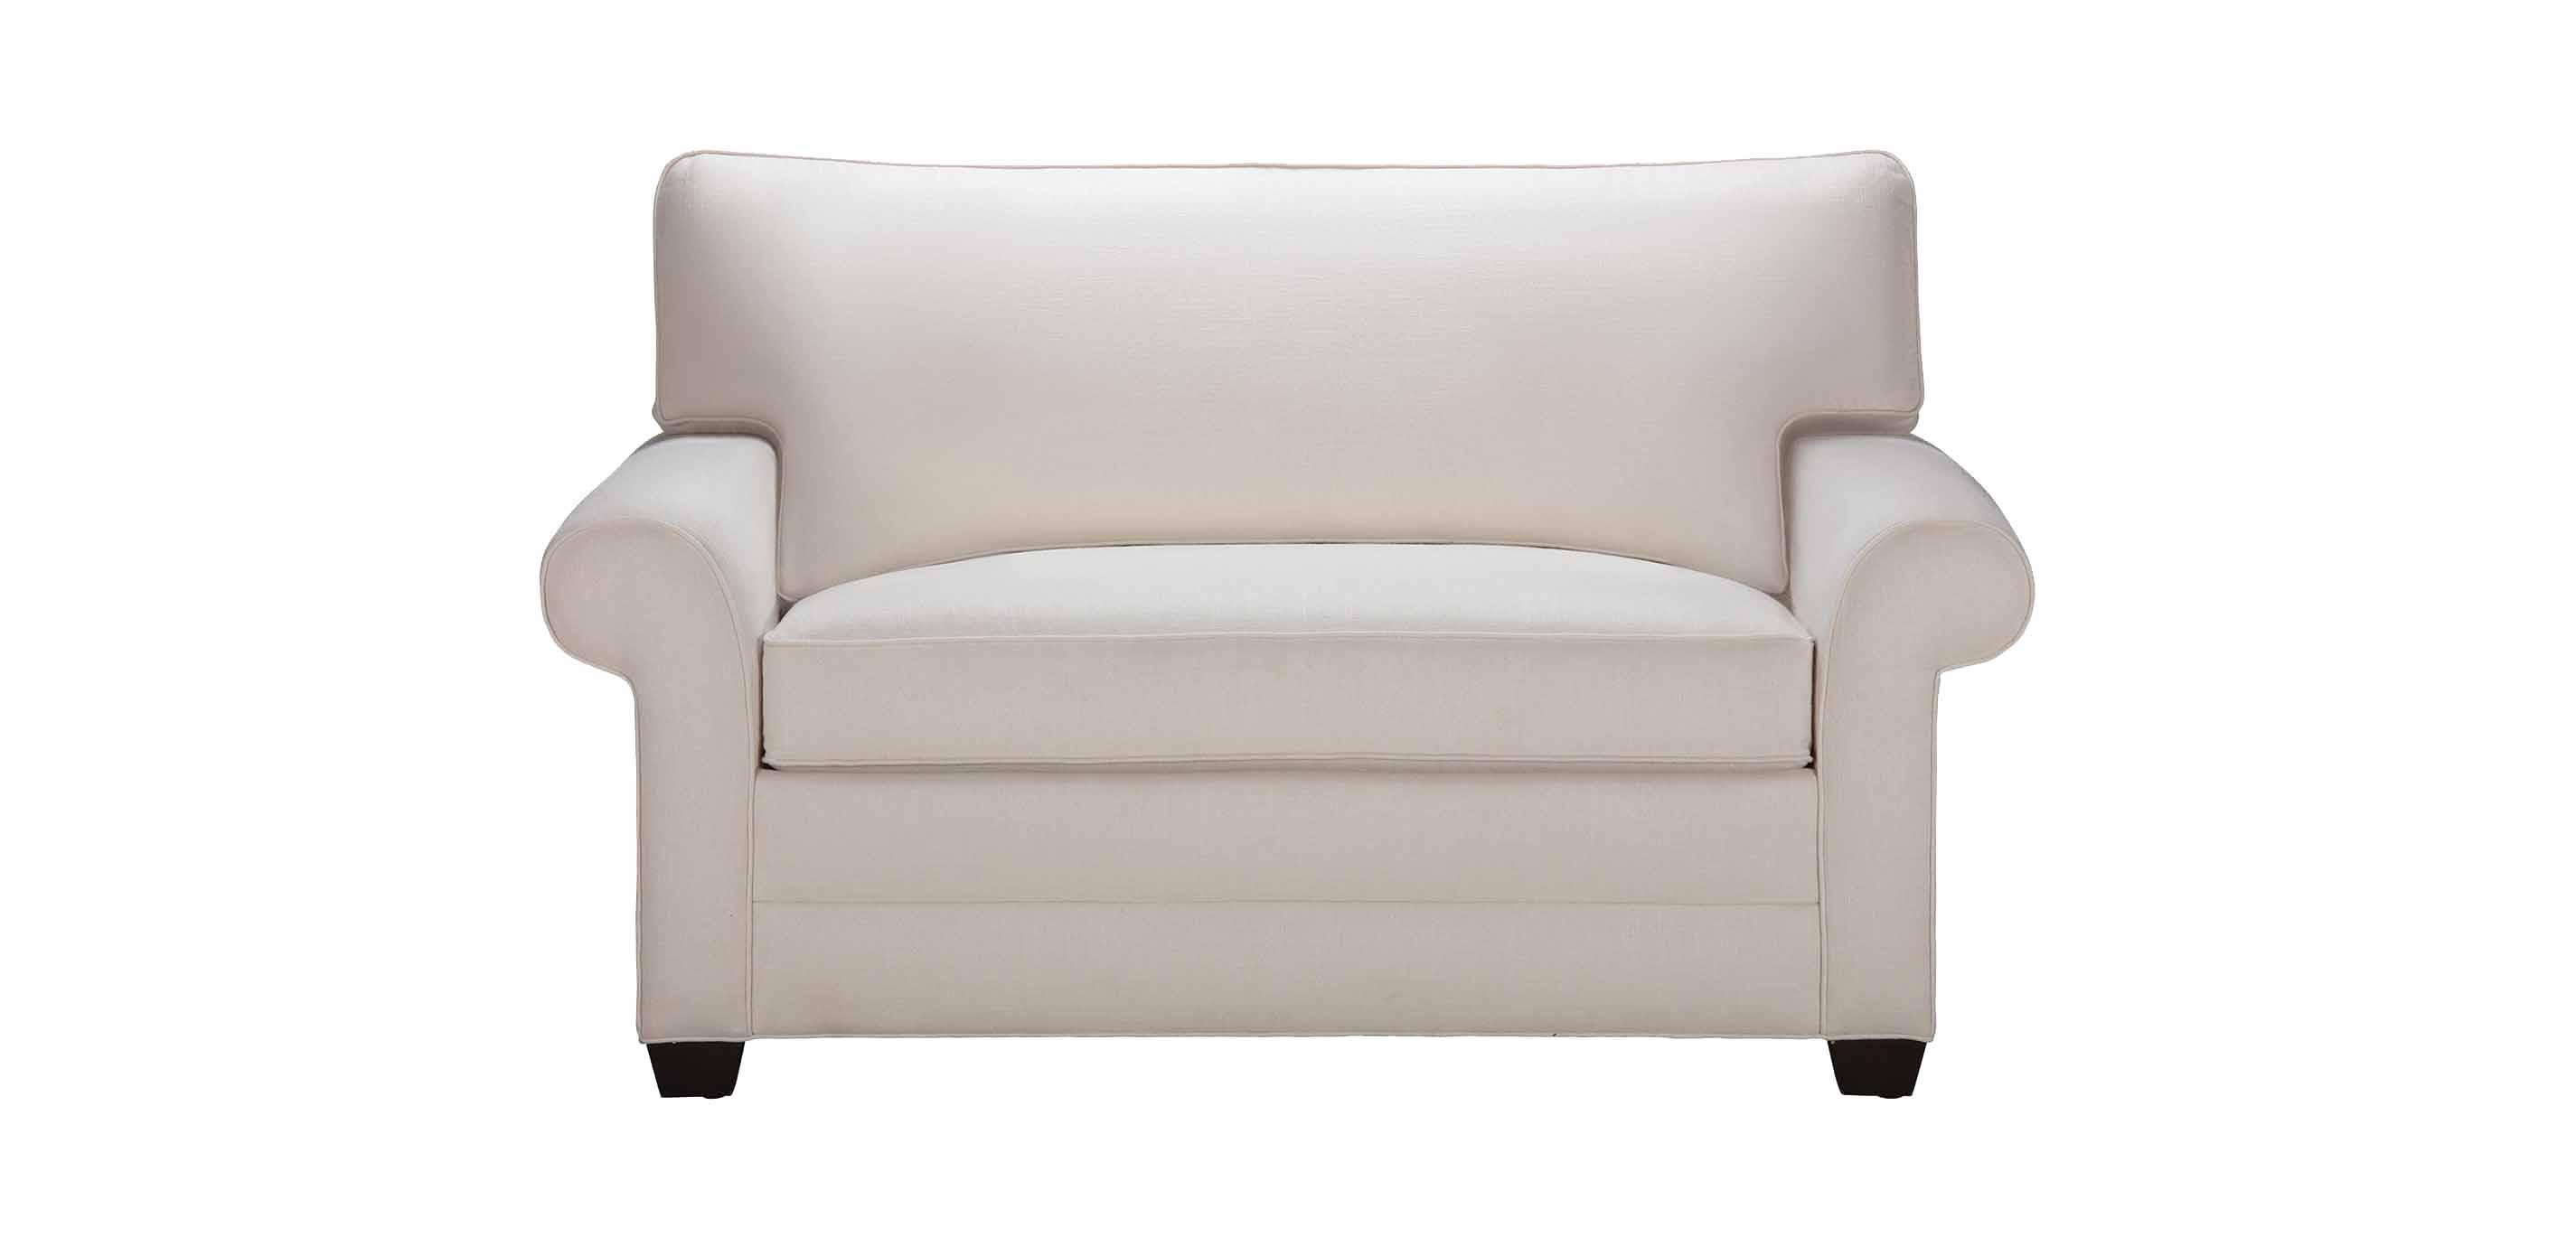 - Bennett Roll-Arm Chair-and-a-Half Twin Sleeper Ethan Allen